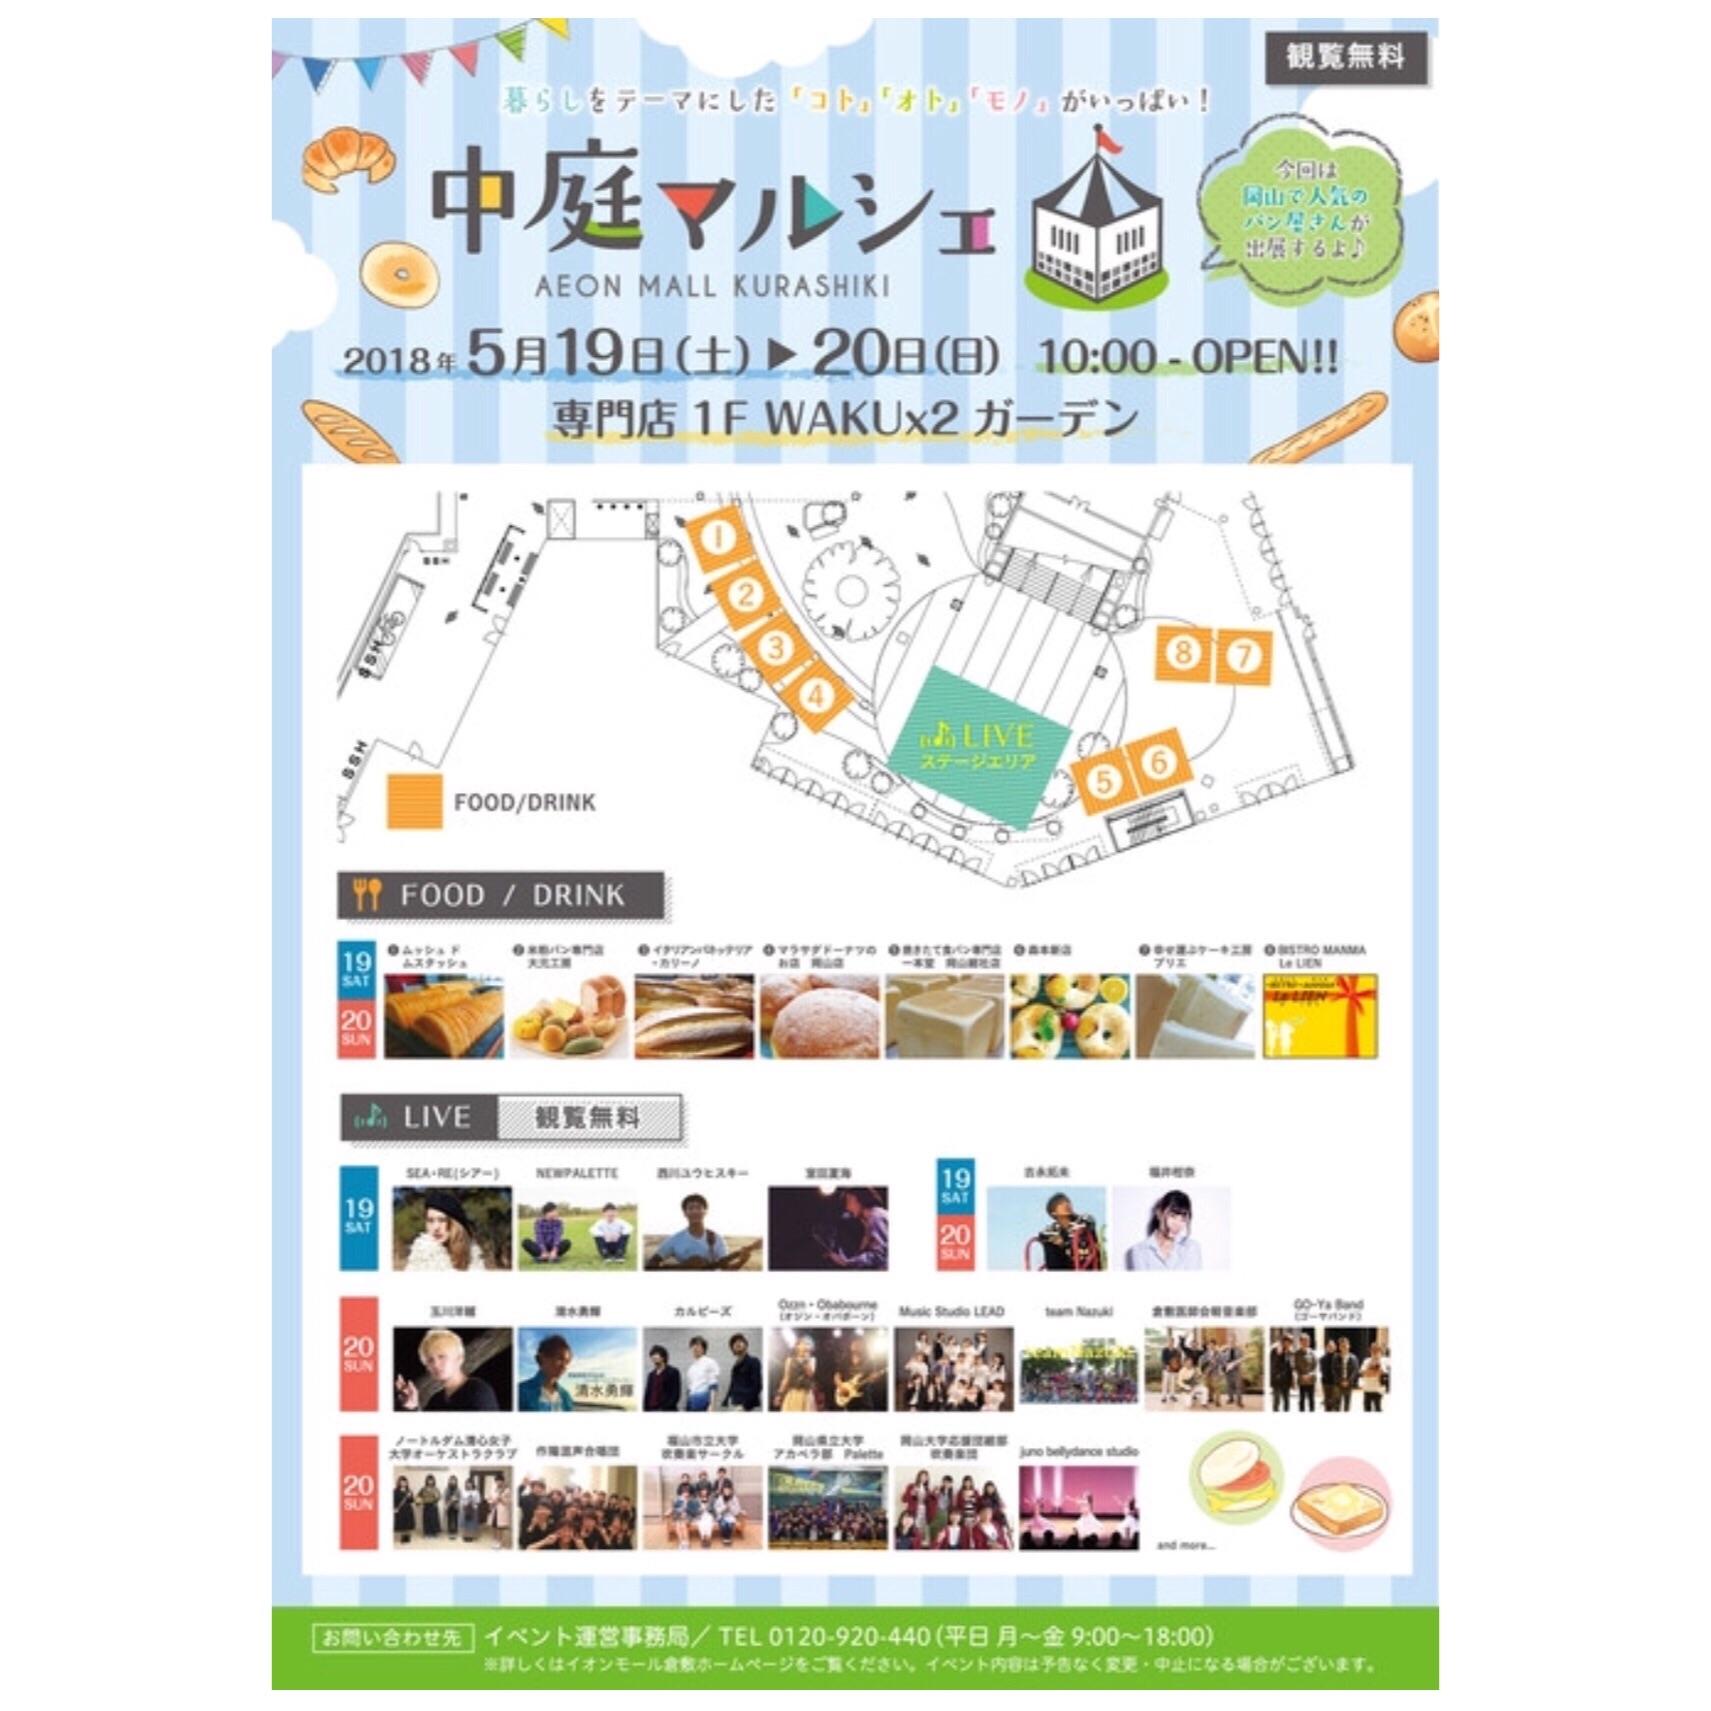 f:id:Yosuke0912:20180425191749j:image